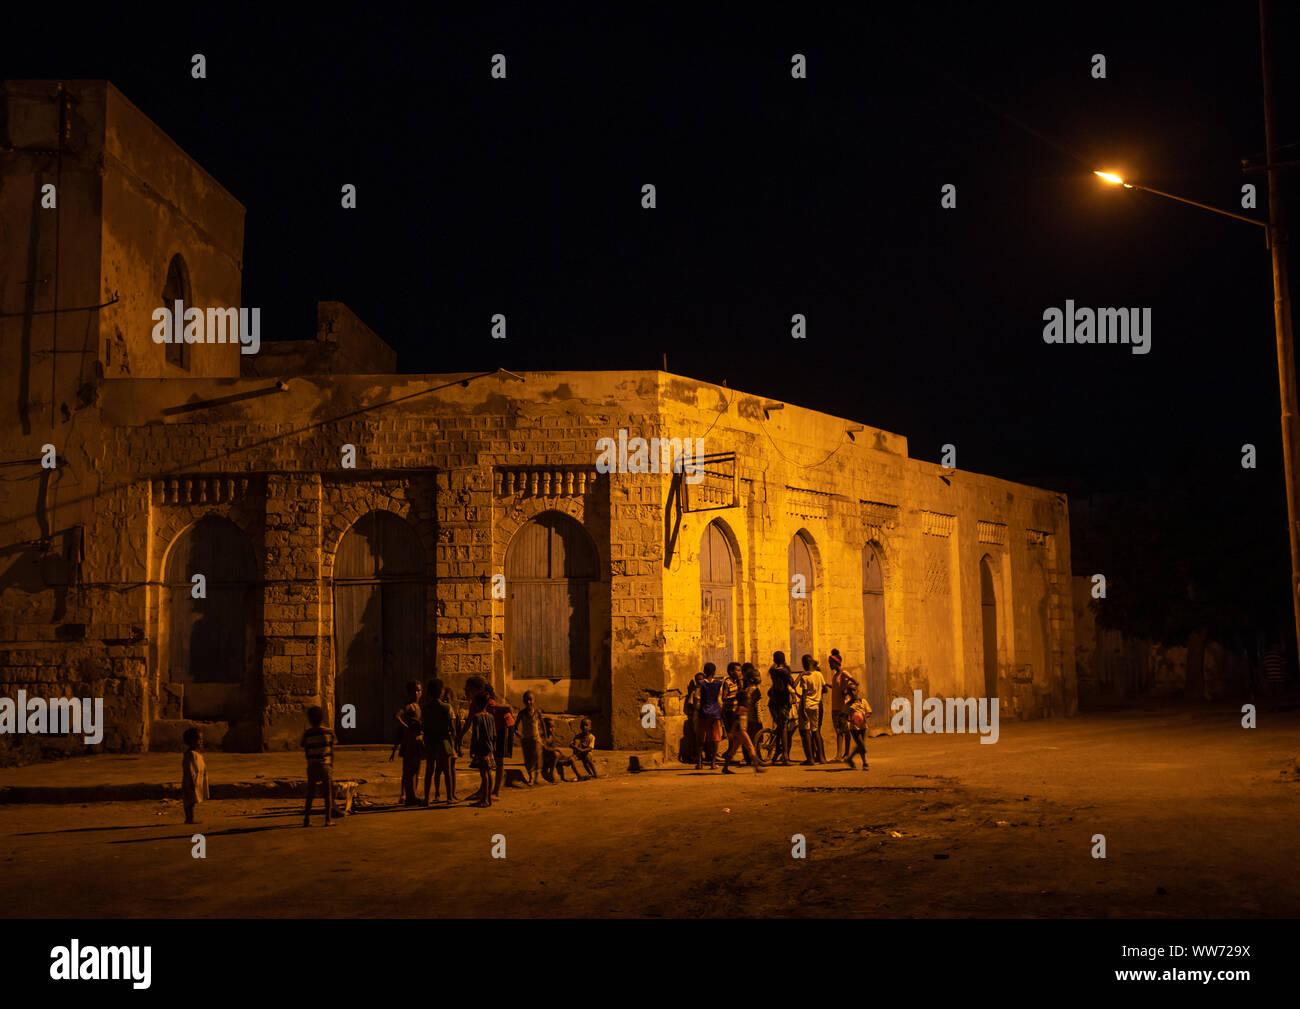 La arquitectura otomana por la noche en las casas, el Mar Rojo septentrional, Massawa, Eritrea Foto de stock